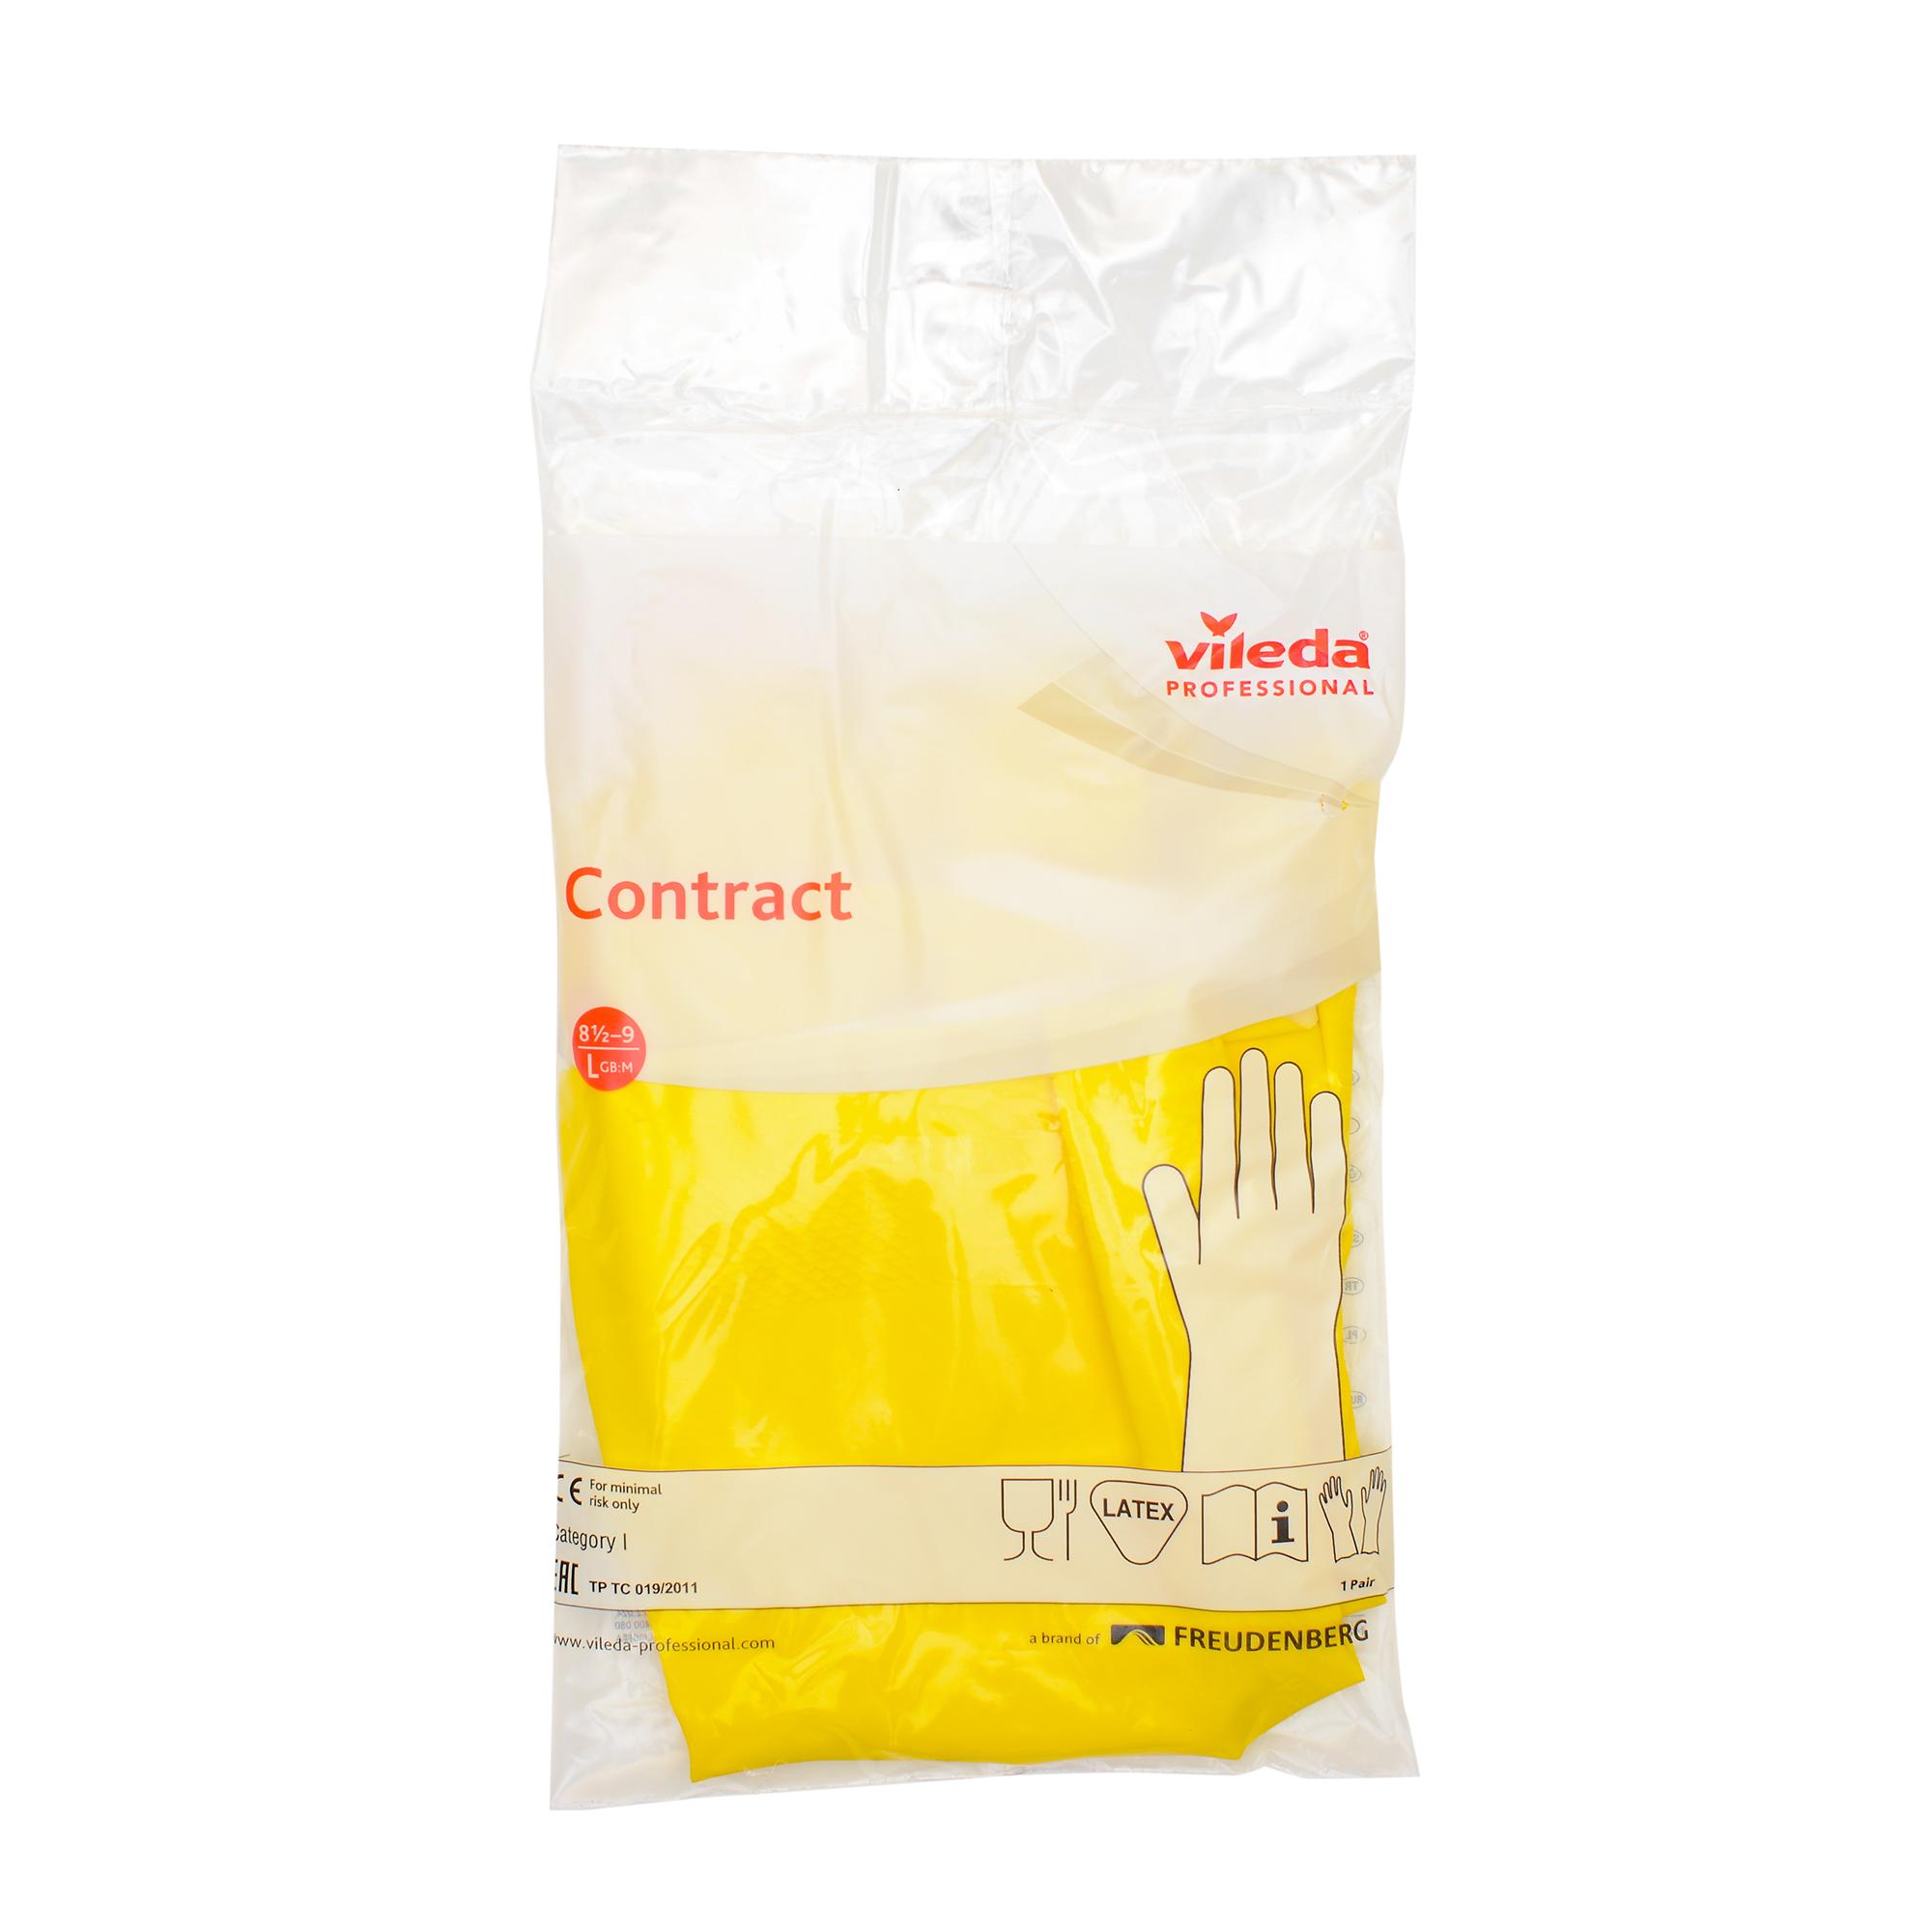 Перчатки резиновые Vileda Контракт, 1 пара, размер L, желтые